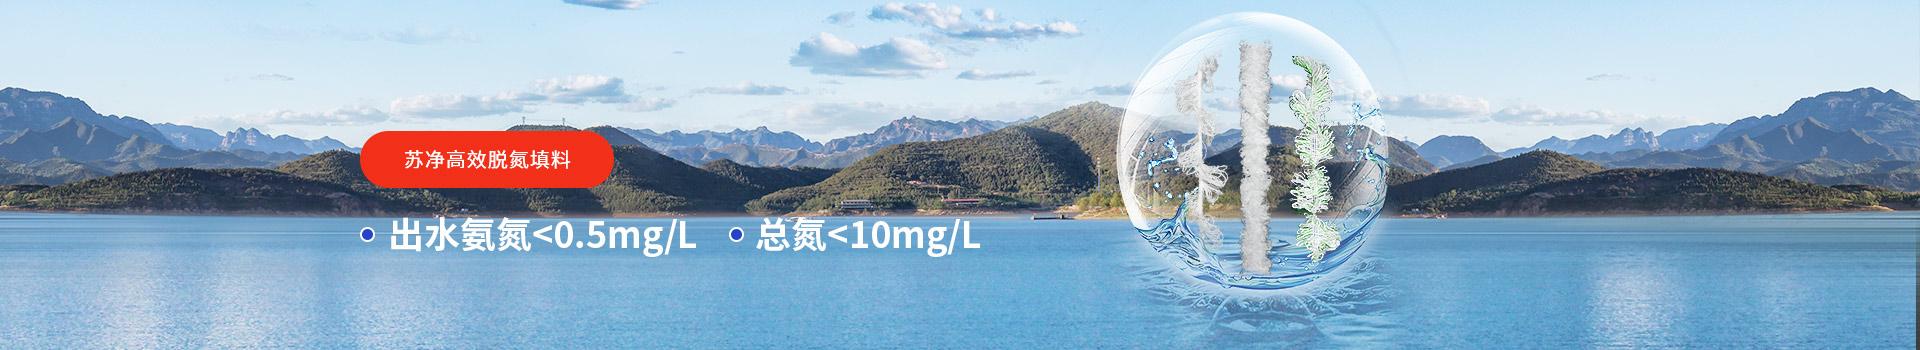 苏净高效脱氮填料出水氨氮<0.5mg/L,总氮<10mg/L